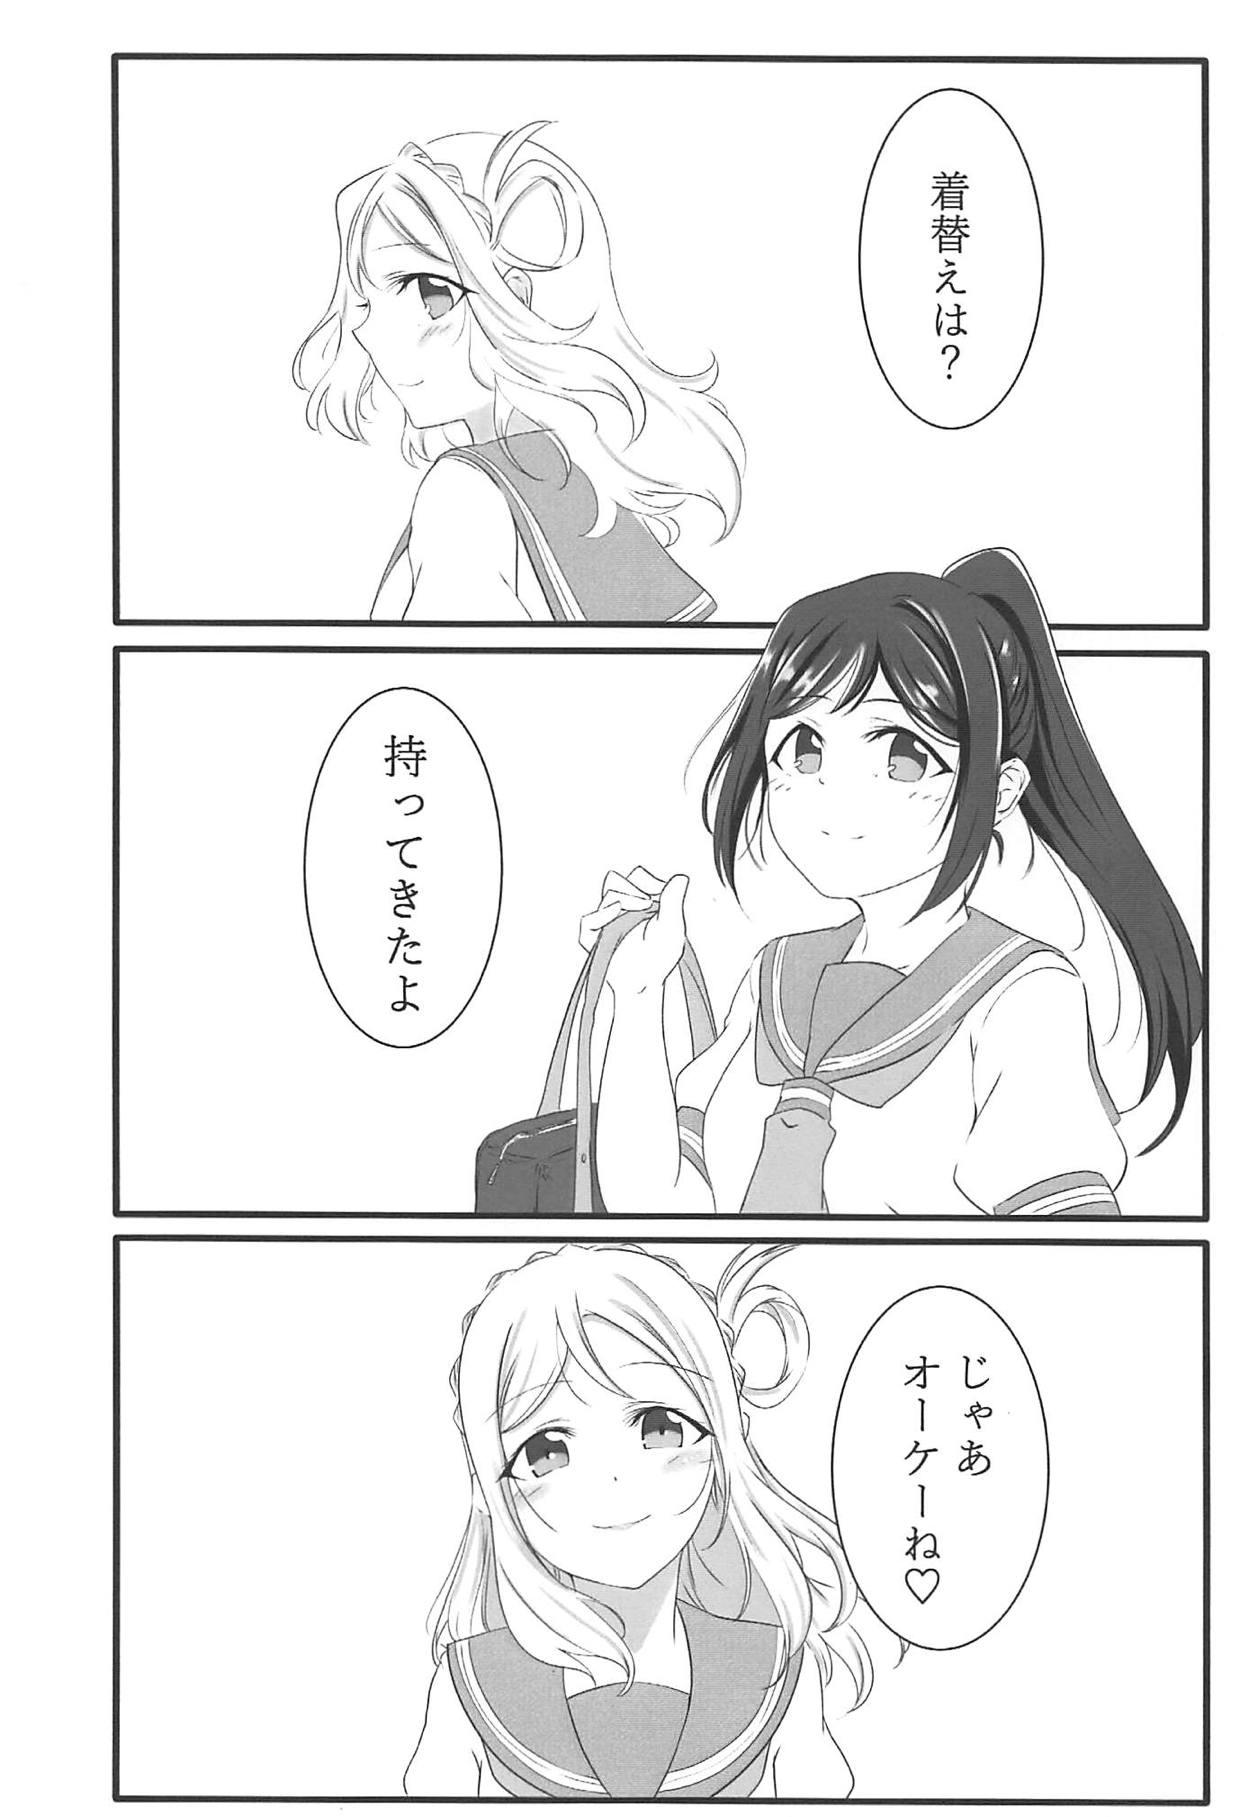 Fuwafuwa Amai 2